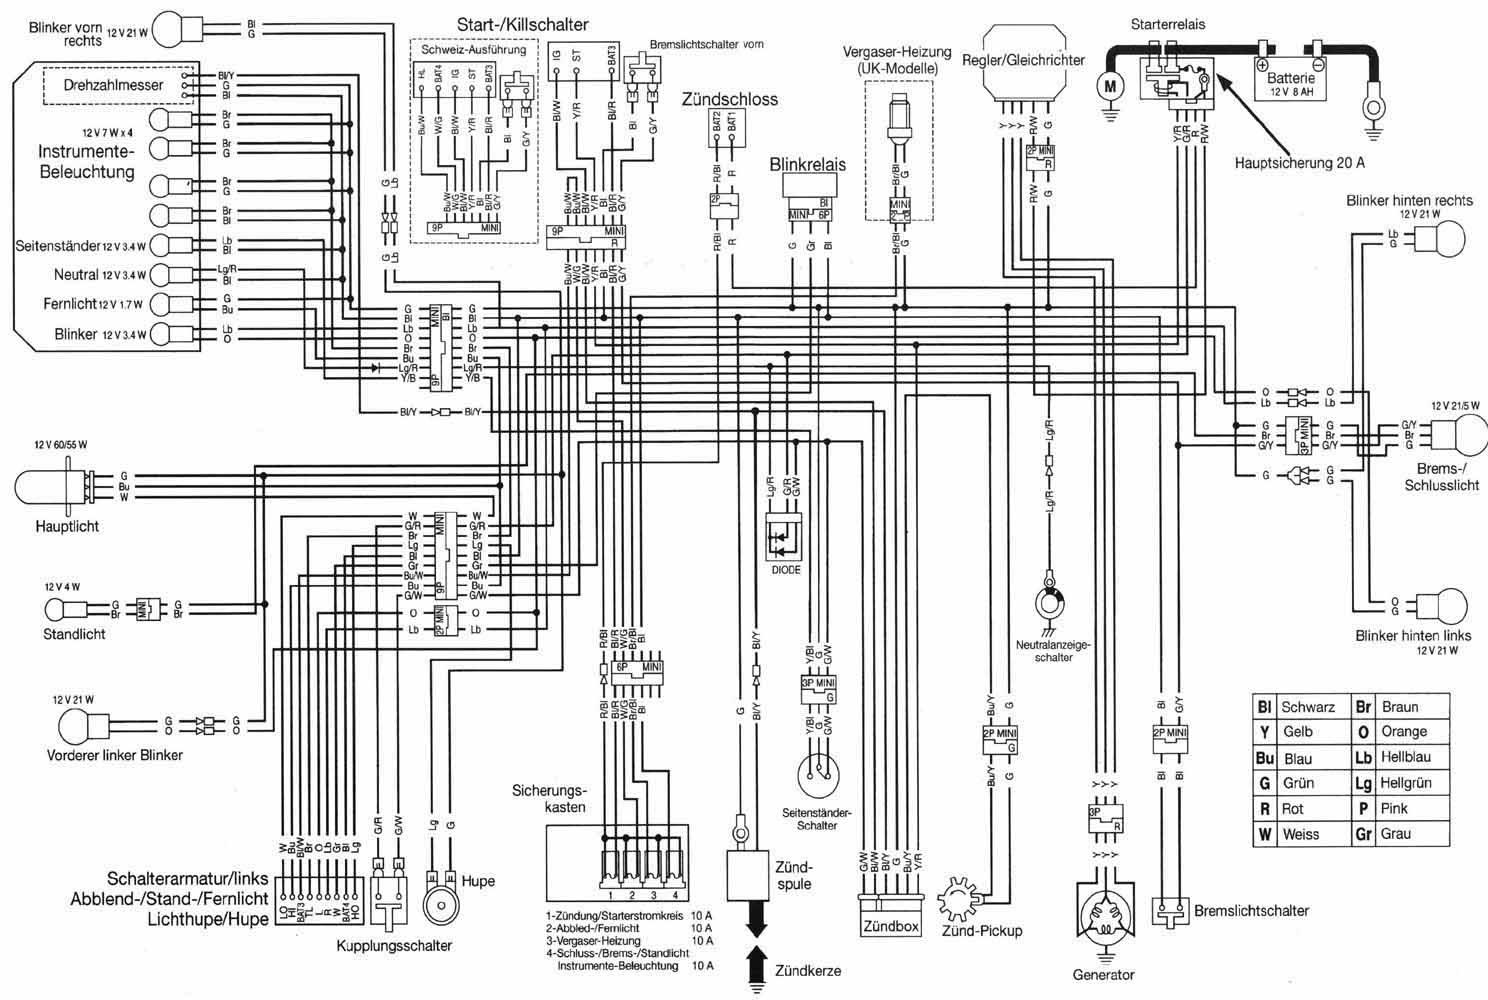 Rd08 Wiring Diagram on xr600r wiring diagram, vt1100c2 wiring diagram, xr250r wiring diagram, xr250l wiring diagram, xr650r wiring diagram, dr650 wiring diagram, crf450r wiring diagram, trx 300ex wiring diagram, ct70 wiring diagram, xr80 wiring diagram, cbr929rr wiring diagram, klr650 wiring diagram, xr350r wiring diagram, rebel wiring diagram, crf250x wiring diagram, honda wiring diagram, crf230l wiring diagram, crf250r wiring diagram, key switch wiring diagram, cx500 wiring diagram,